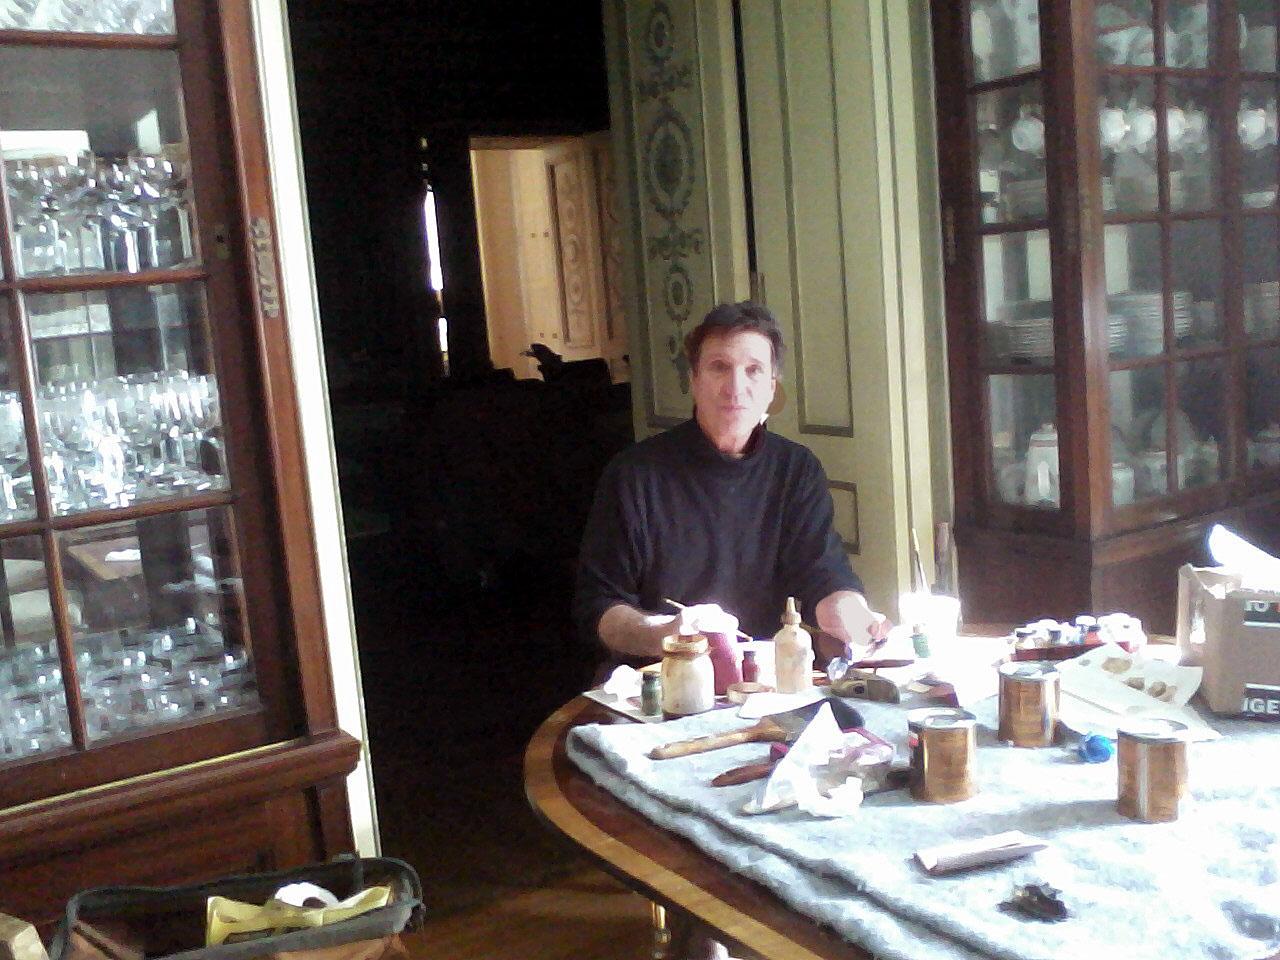 Replacing veneers on table